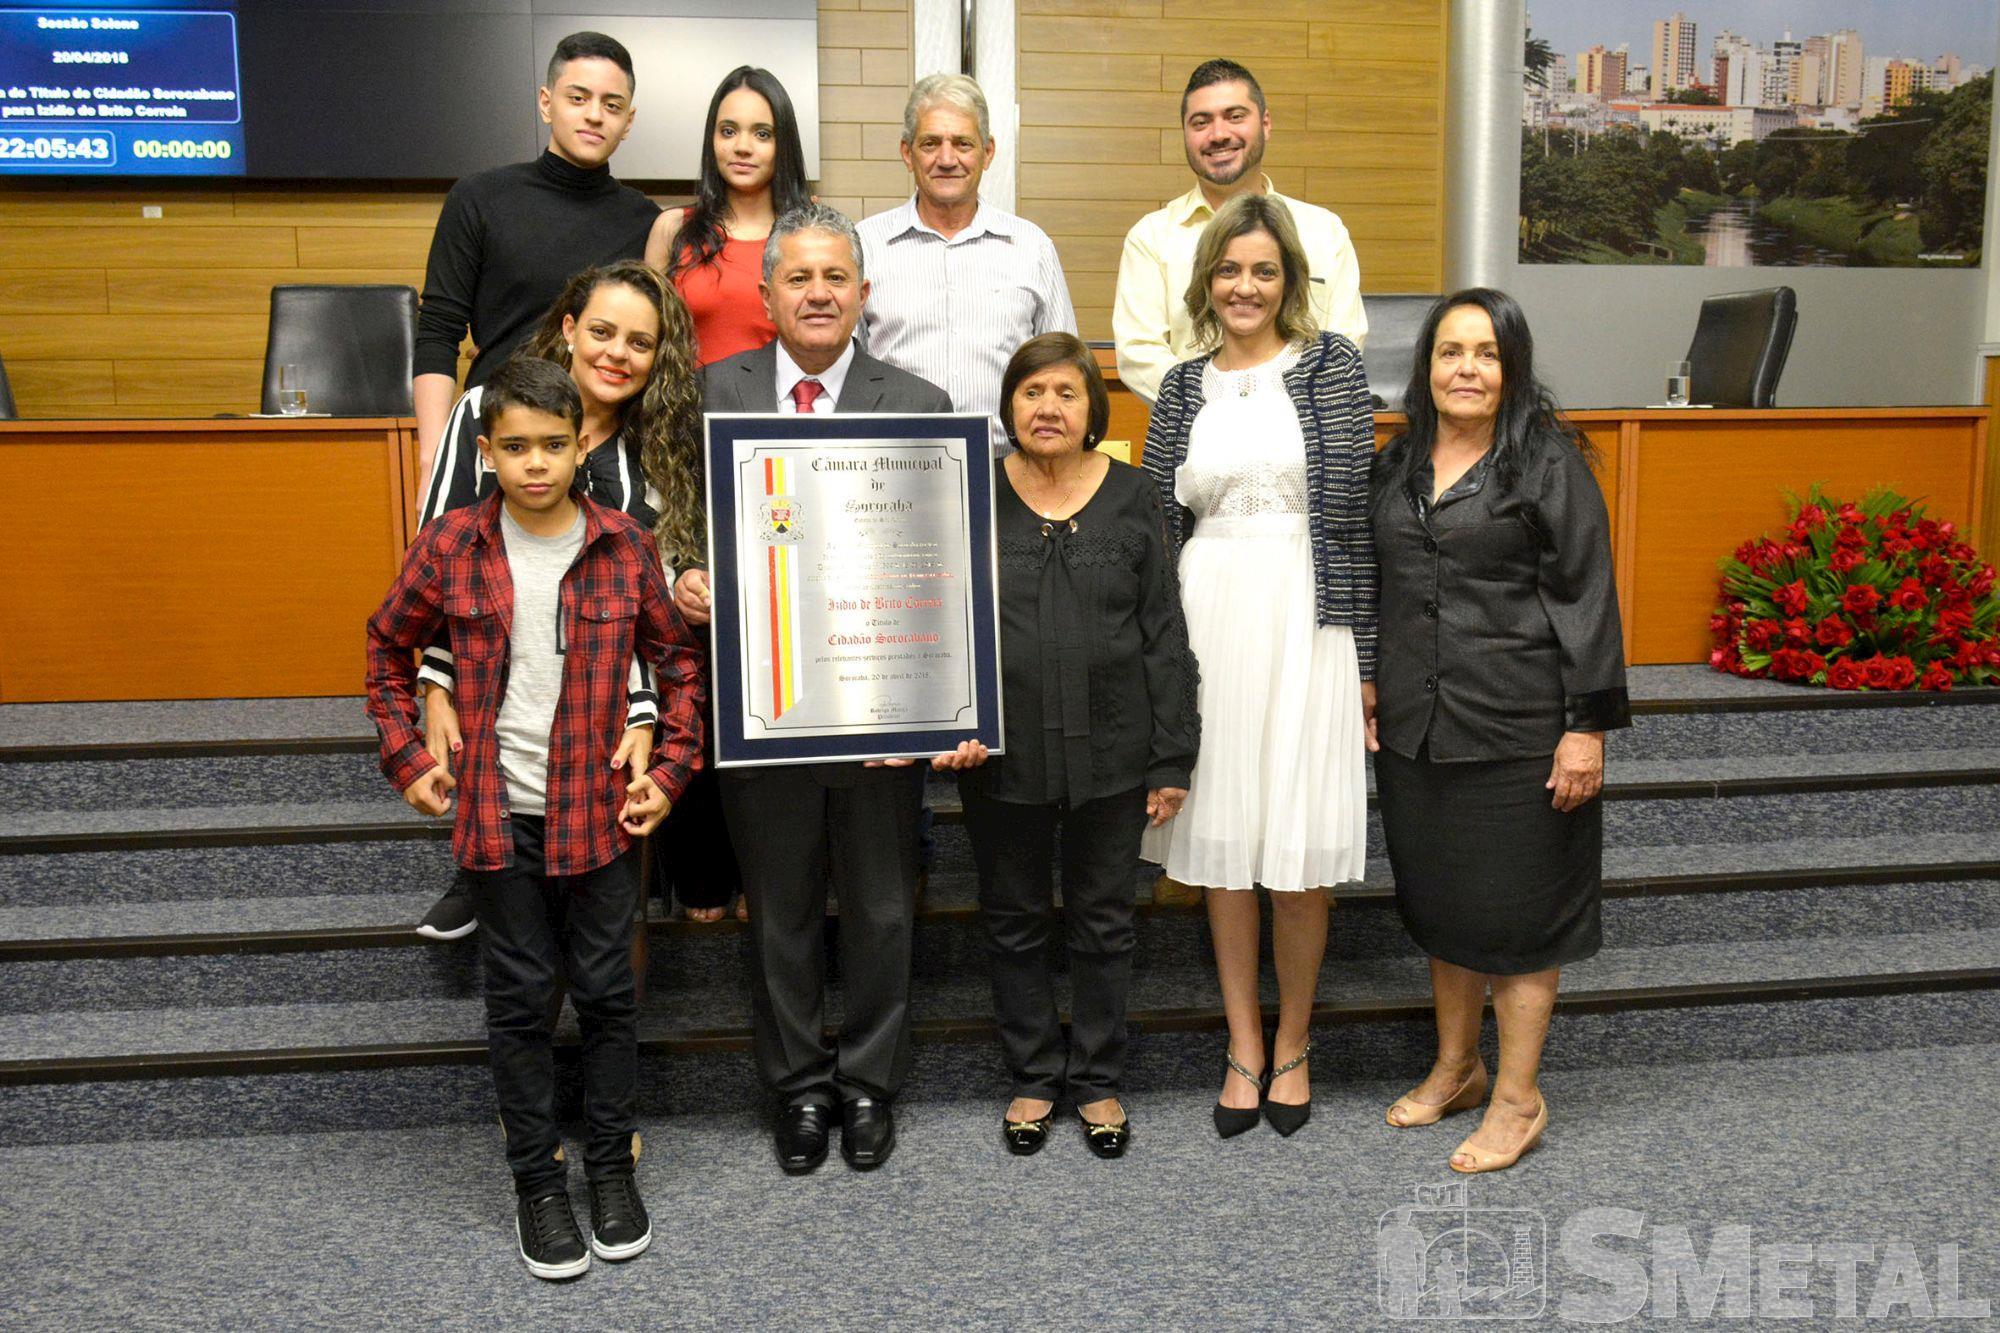 izidio,  título,  sorocabano, Foguinho/Imprensa SMetal, Izídio é homenageado com título de cidadão sorocabano